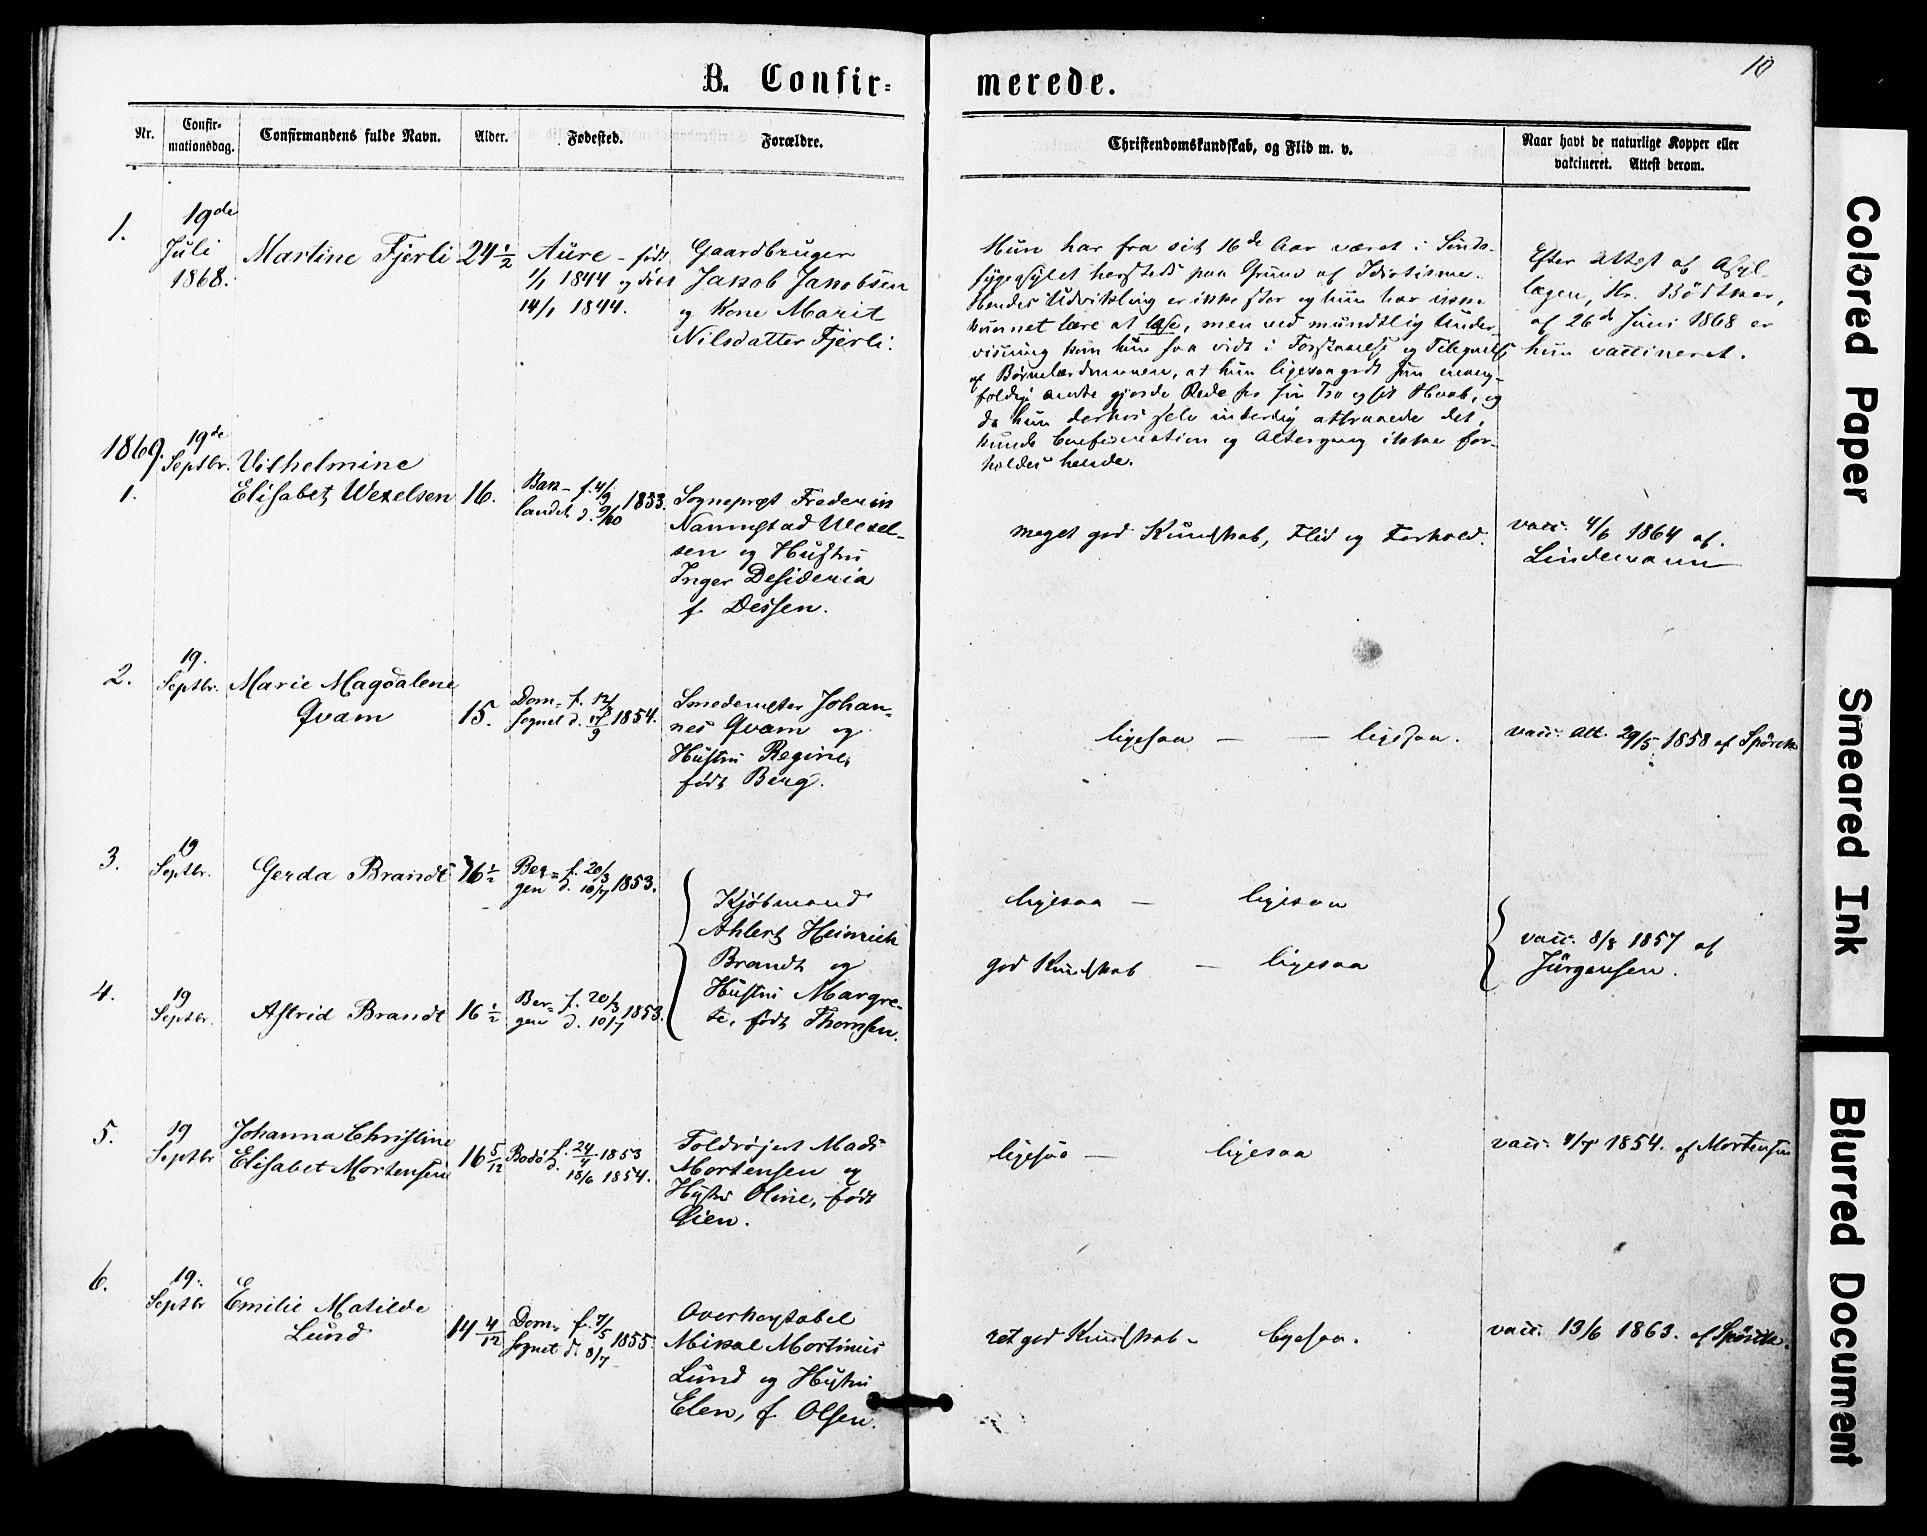 SAT, Ministerialprotokoller, klokkerbøker og fødselsregistre - Sør-Trøndelag, 623/L0469: Ministerialbok nr. 623A03, 1868-1883, s. 10